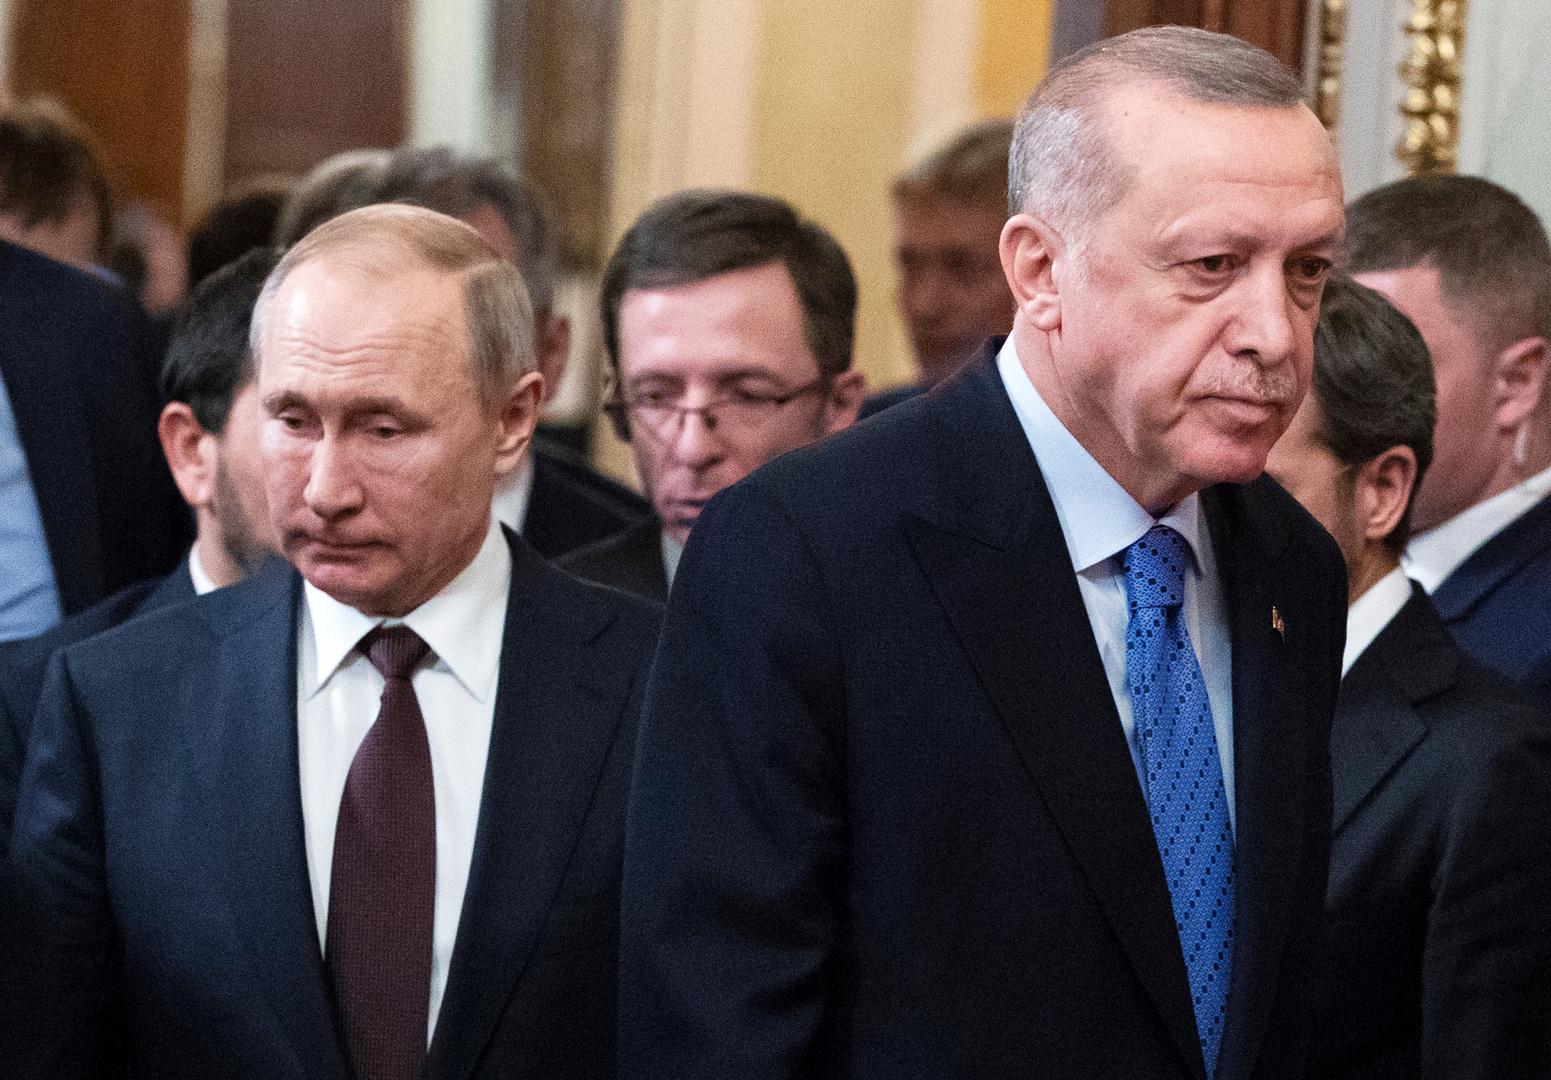 بوتين يبحث مع أردوغان أوكرانيا والبحر الأسود وسوريا وليبيا وقره باغ و